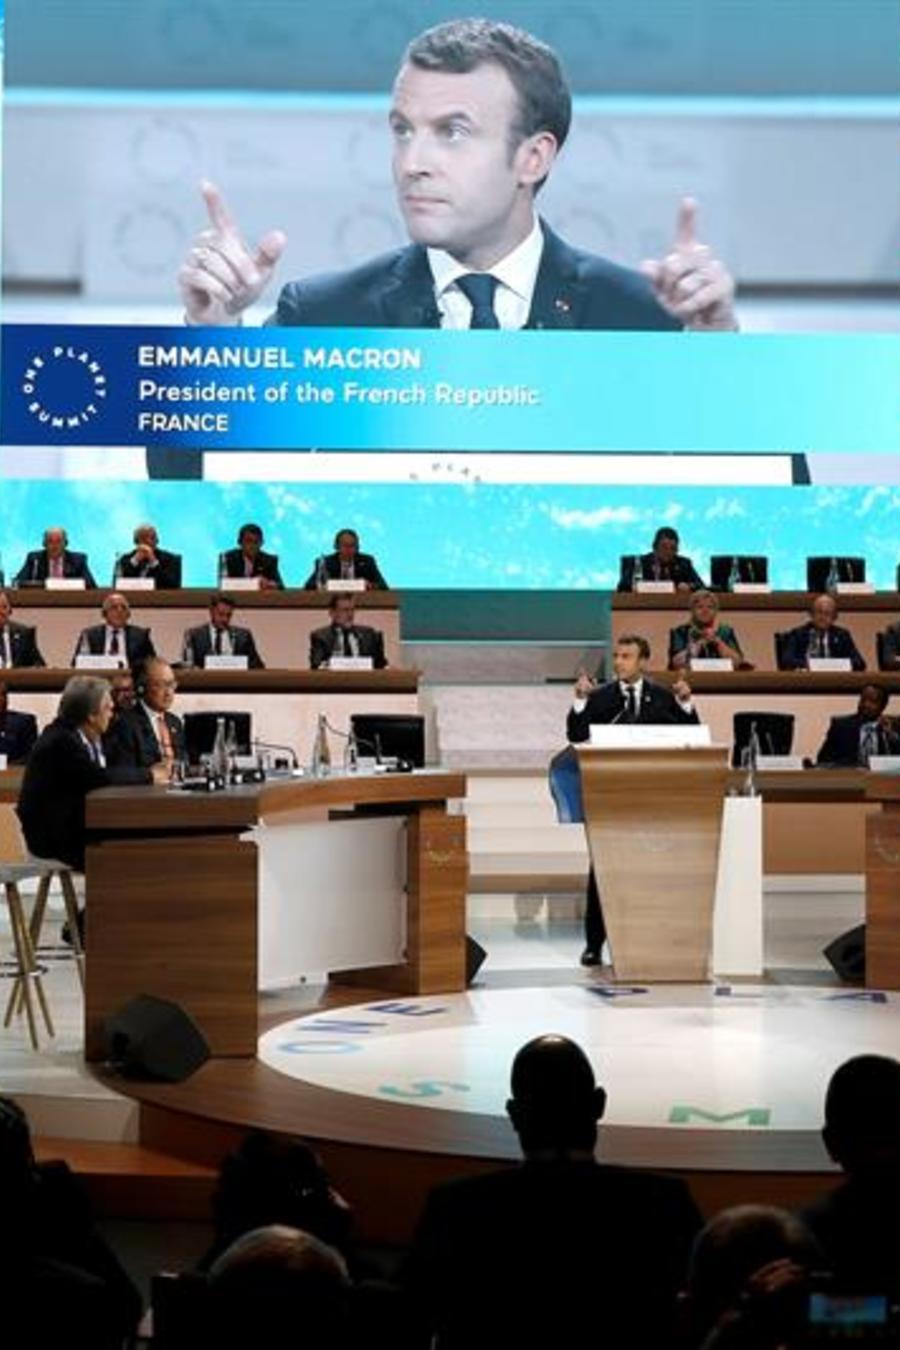 El presidente francés, Emmanuel Macron, interviene durante la sesión plenaria de la cumbre del clima que se celebra en la isla de Seguin, en el oeste de París, Francia, hoy 12 de diciembre de 2017.